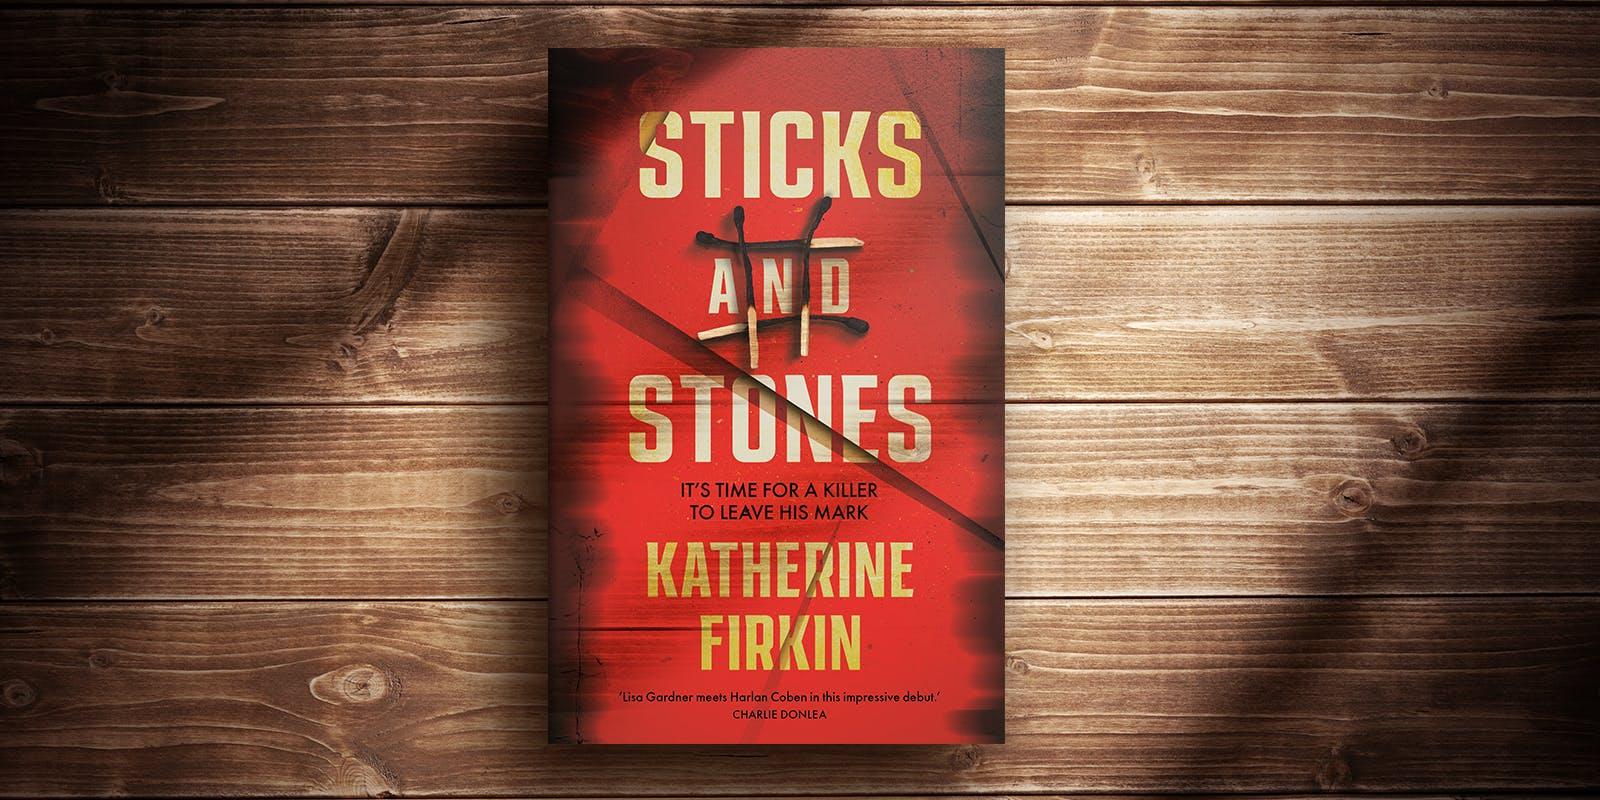 Katherine Firkin Q&A